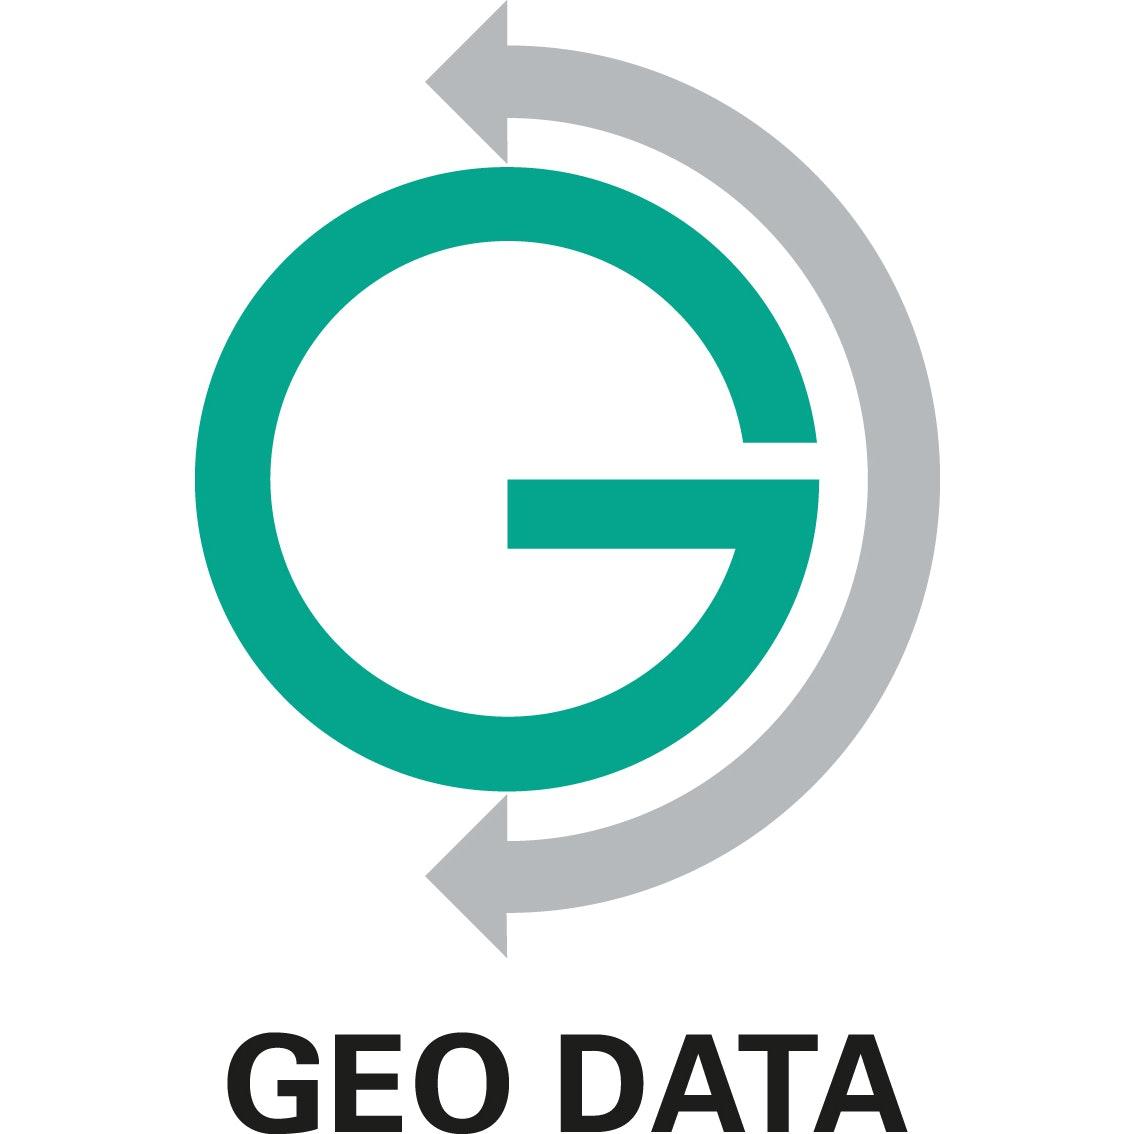 GEO DATA GmbH